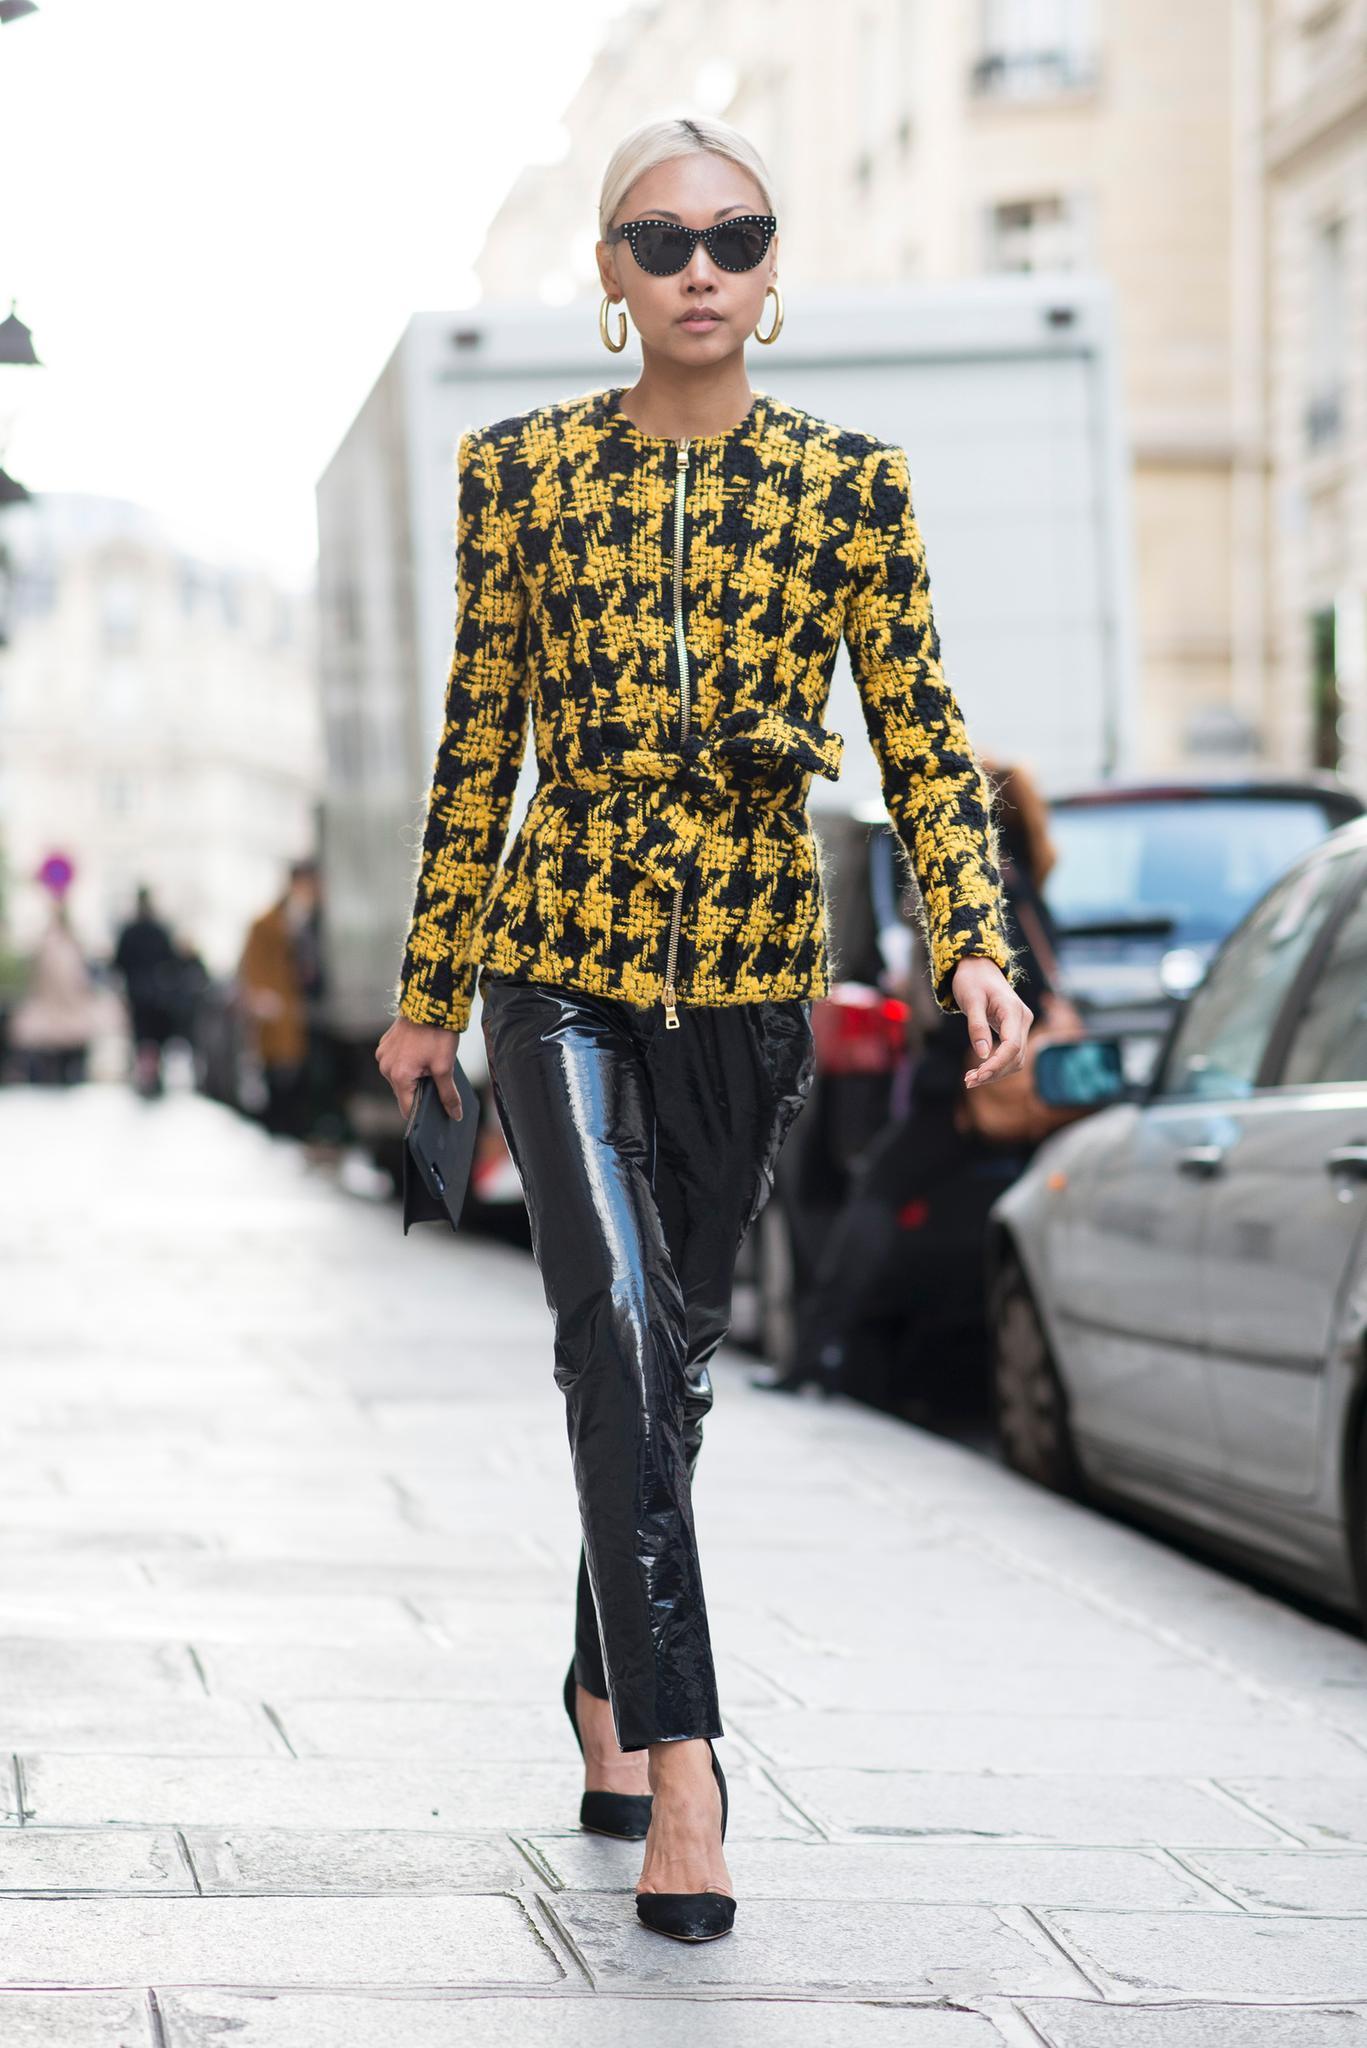 Bloggerin trägt Lacklederhose